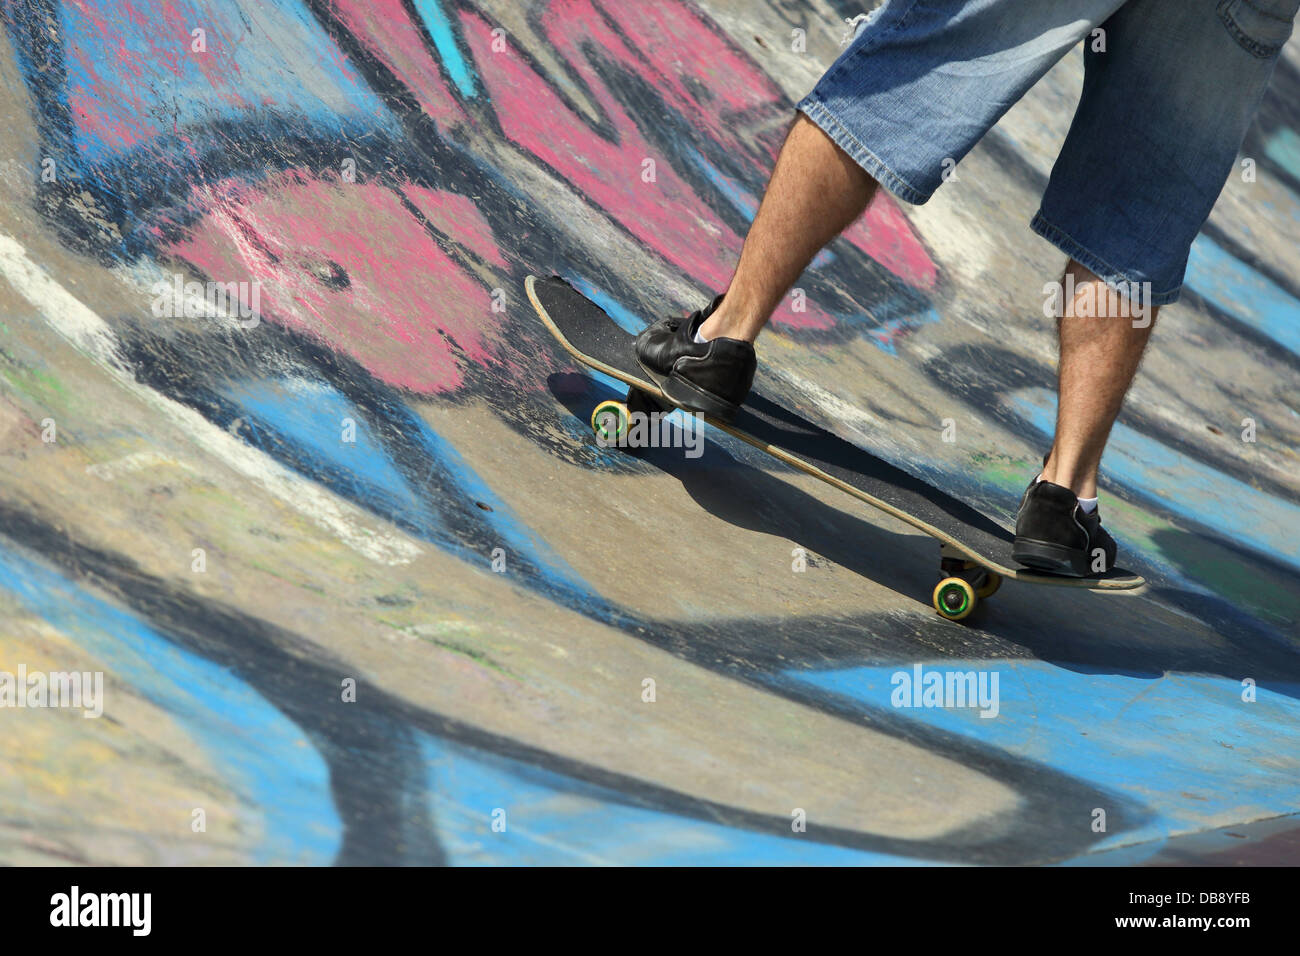 junge rohr beine auf einem skateboard in einem halben mit graffiti stockbild - Skateboard Bank Beine